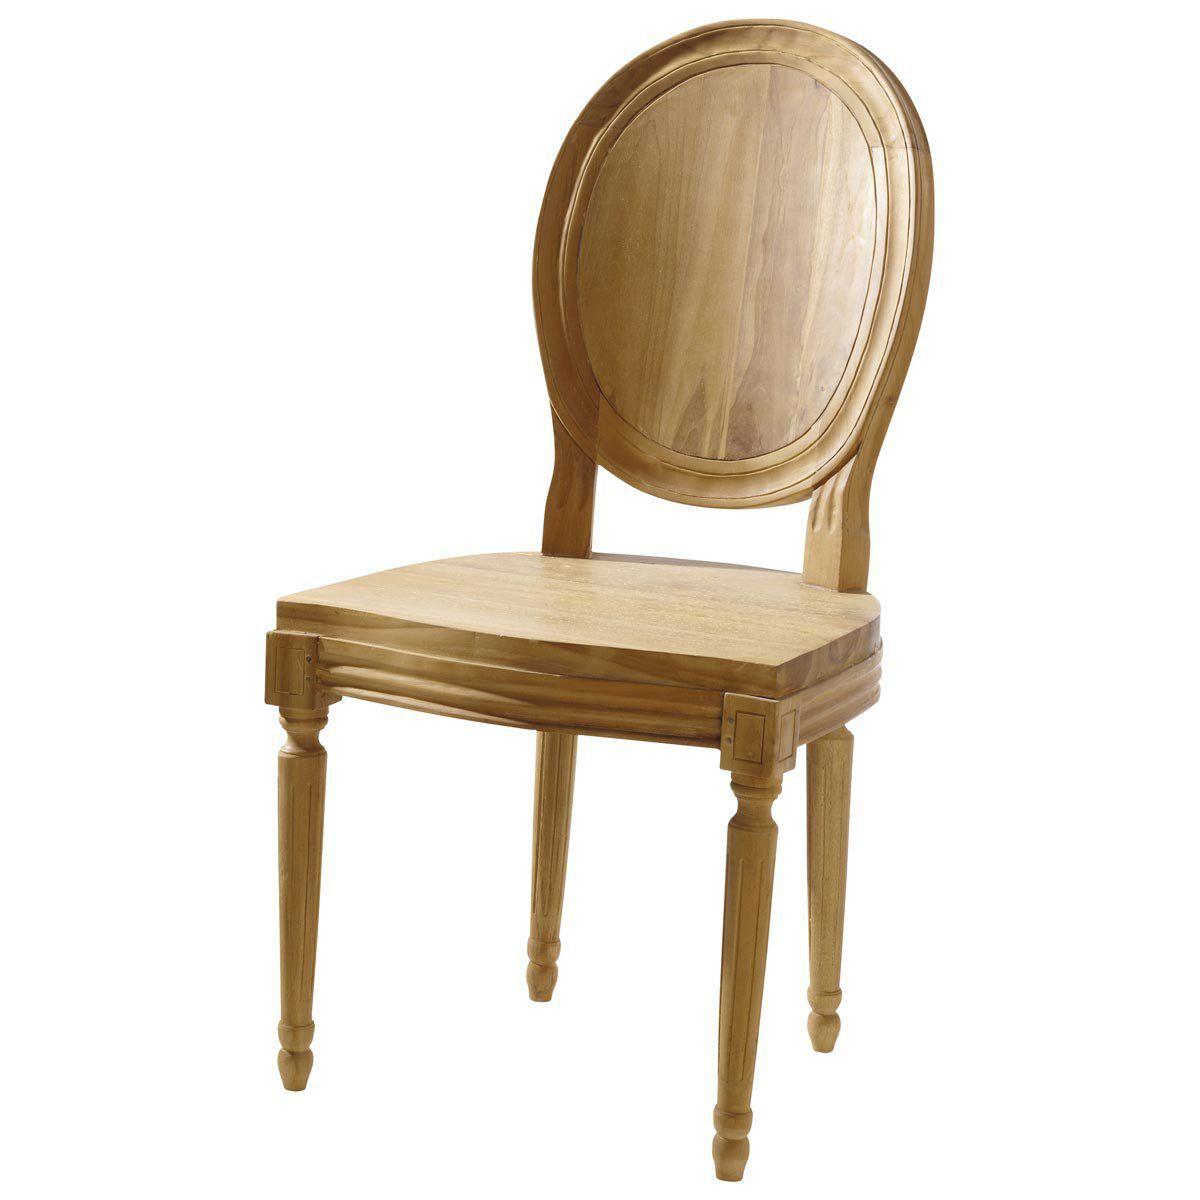 Mueble muebles de jardin baratos ebay galer a de fotos for Muebles de exterior baratos